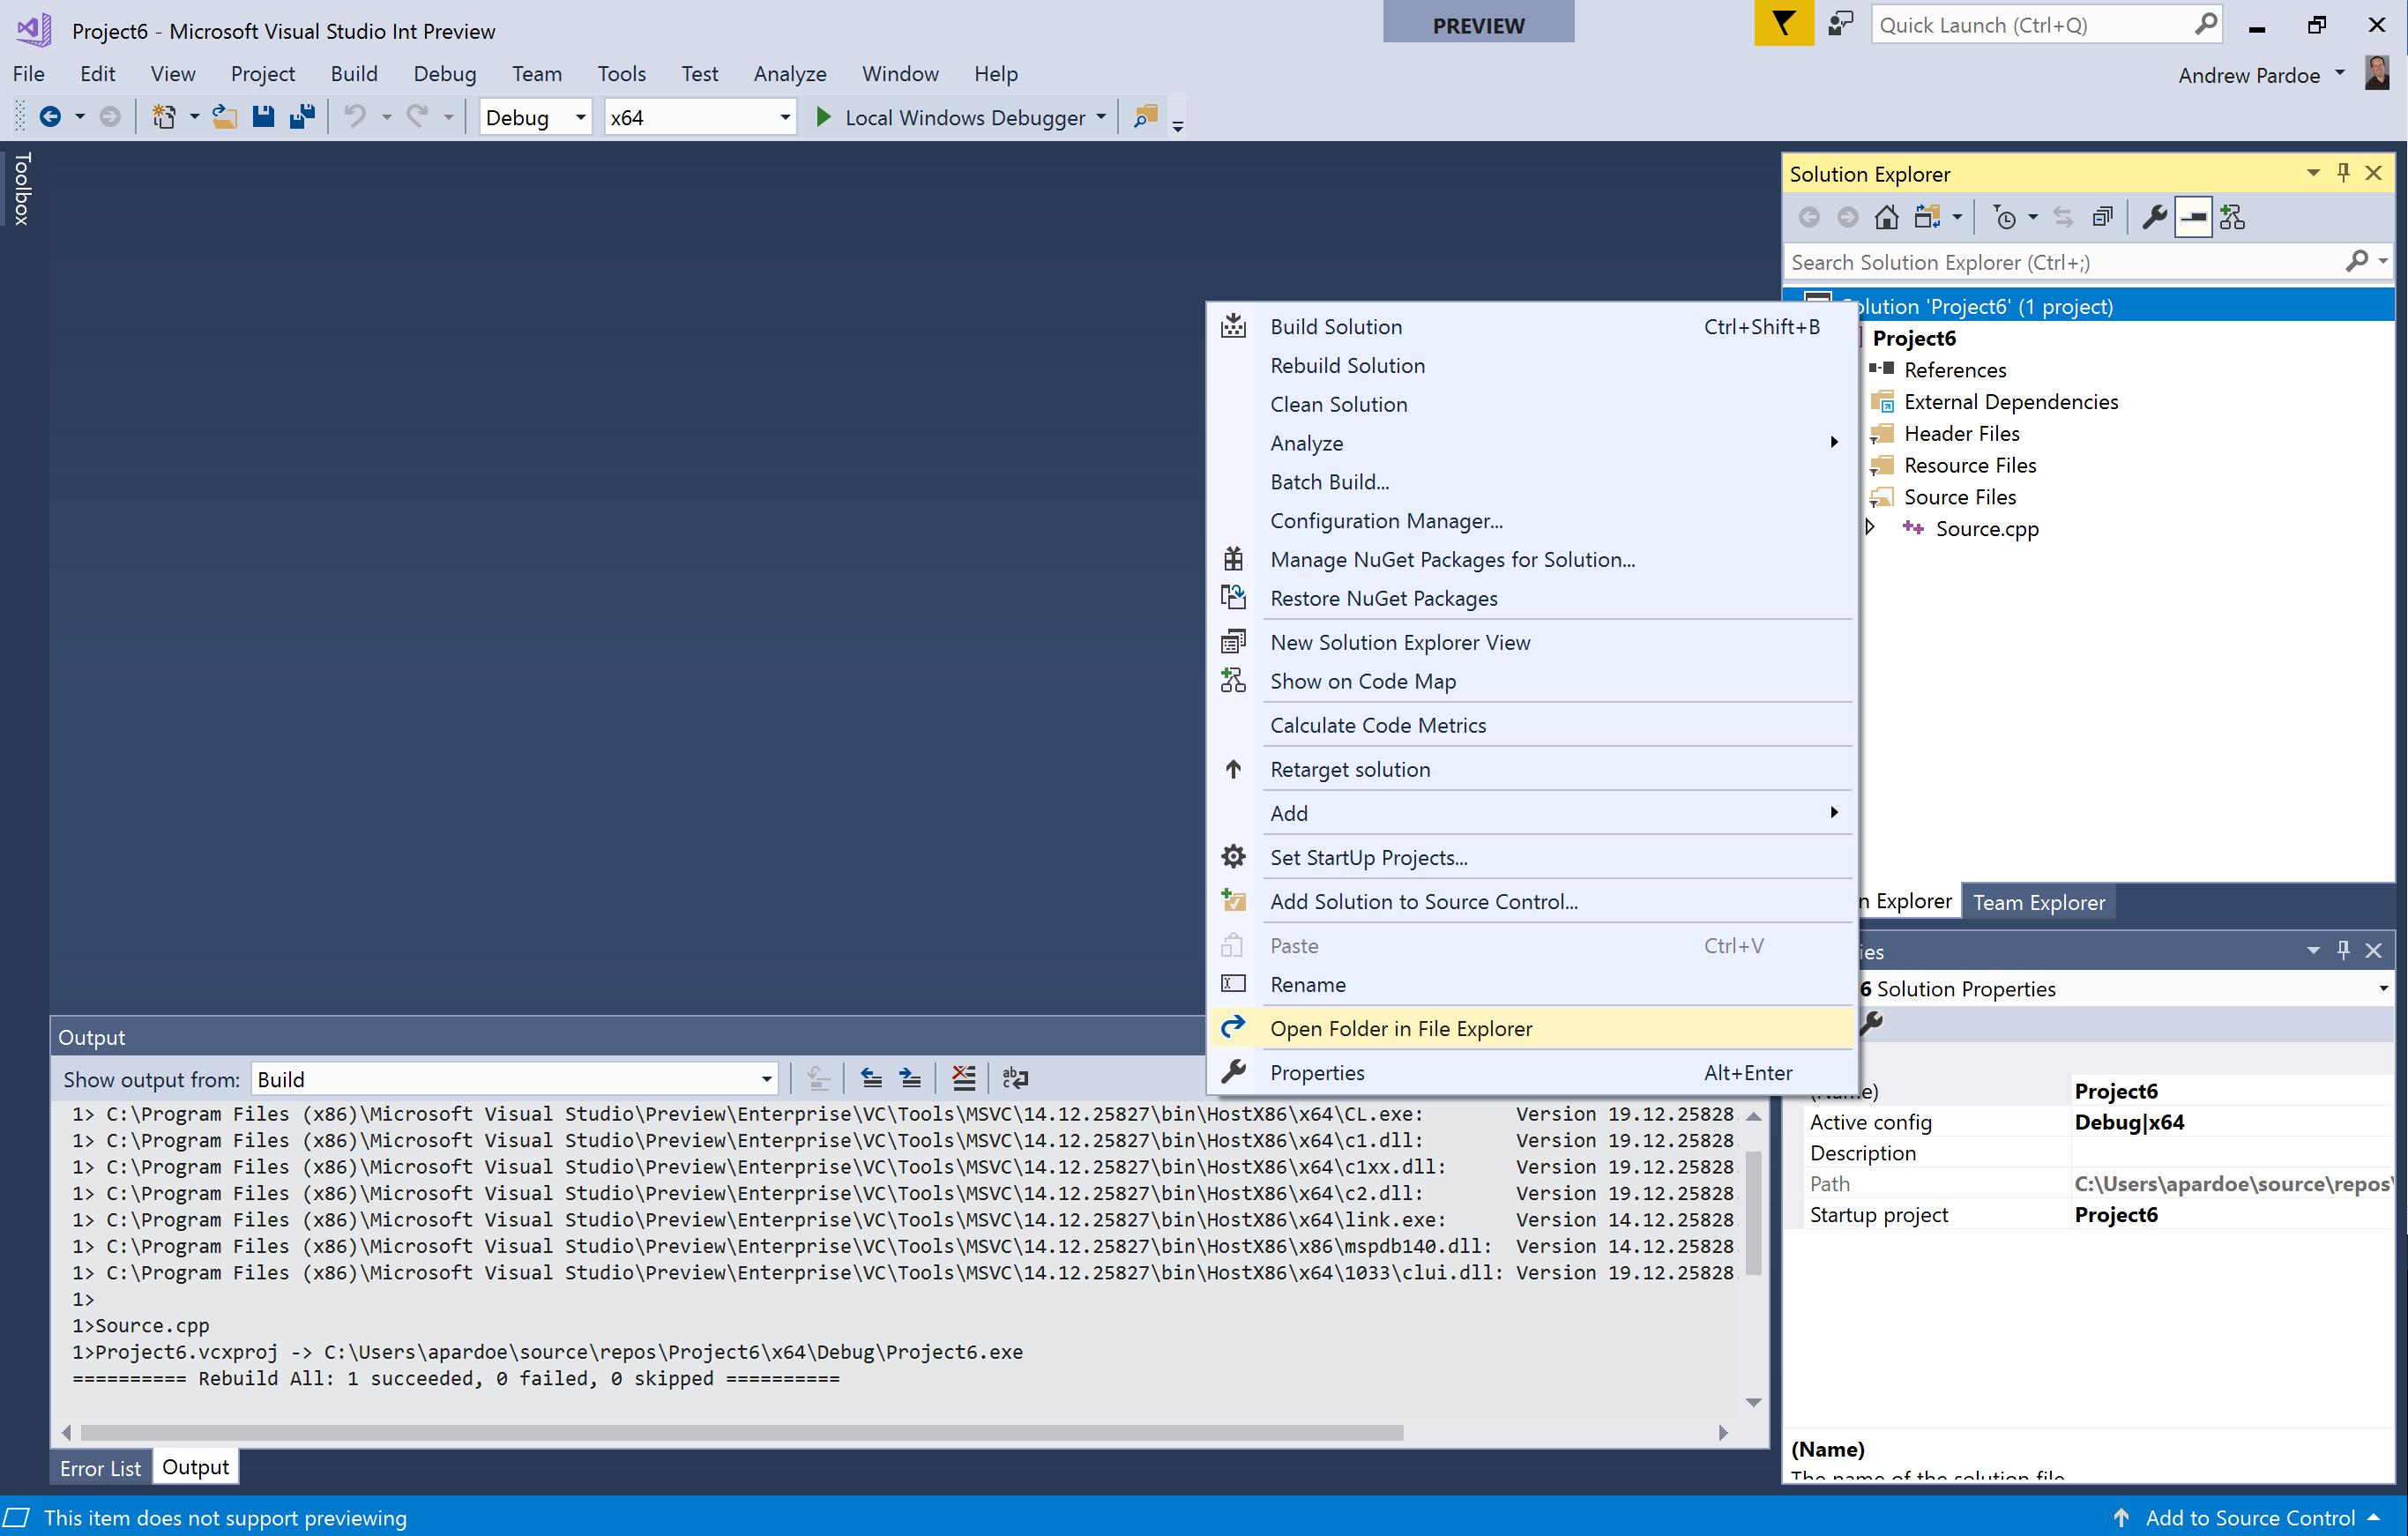 Open Folder from Solution Explorer